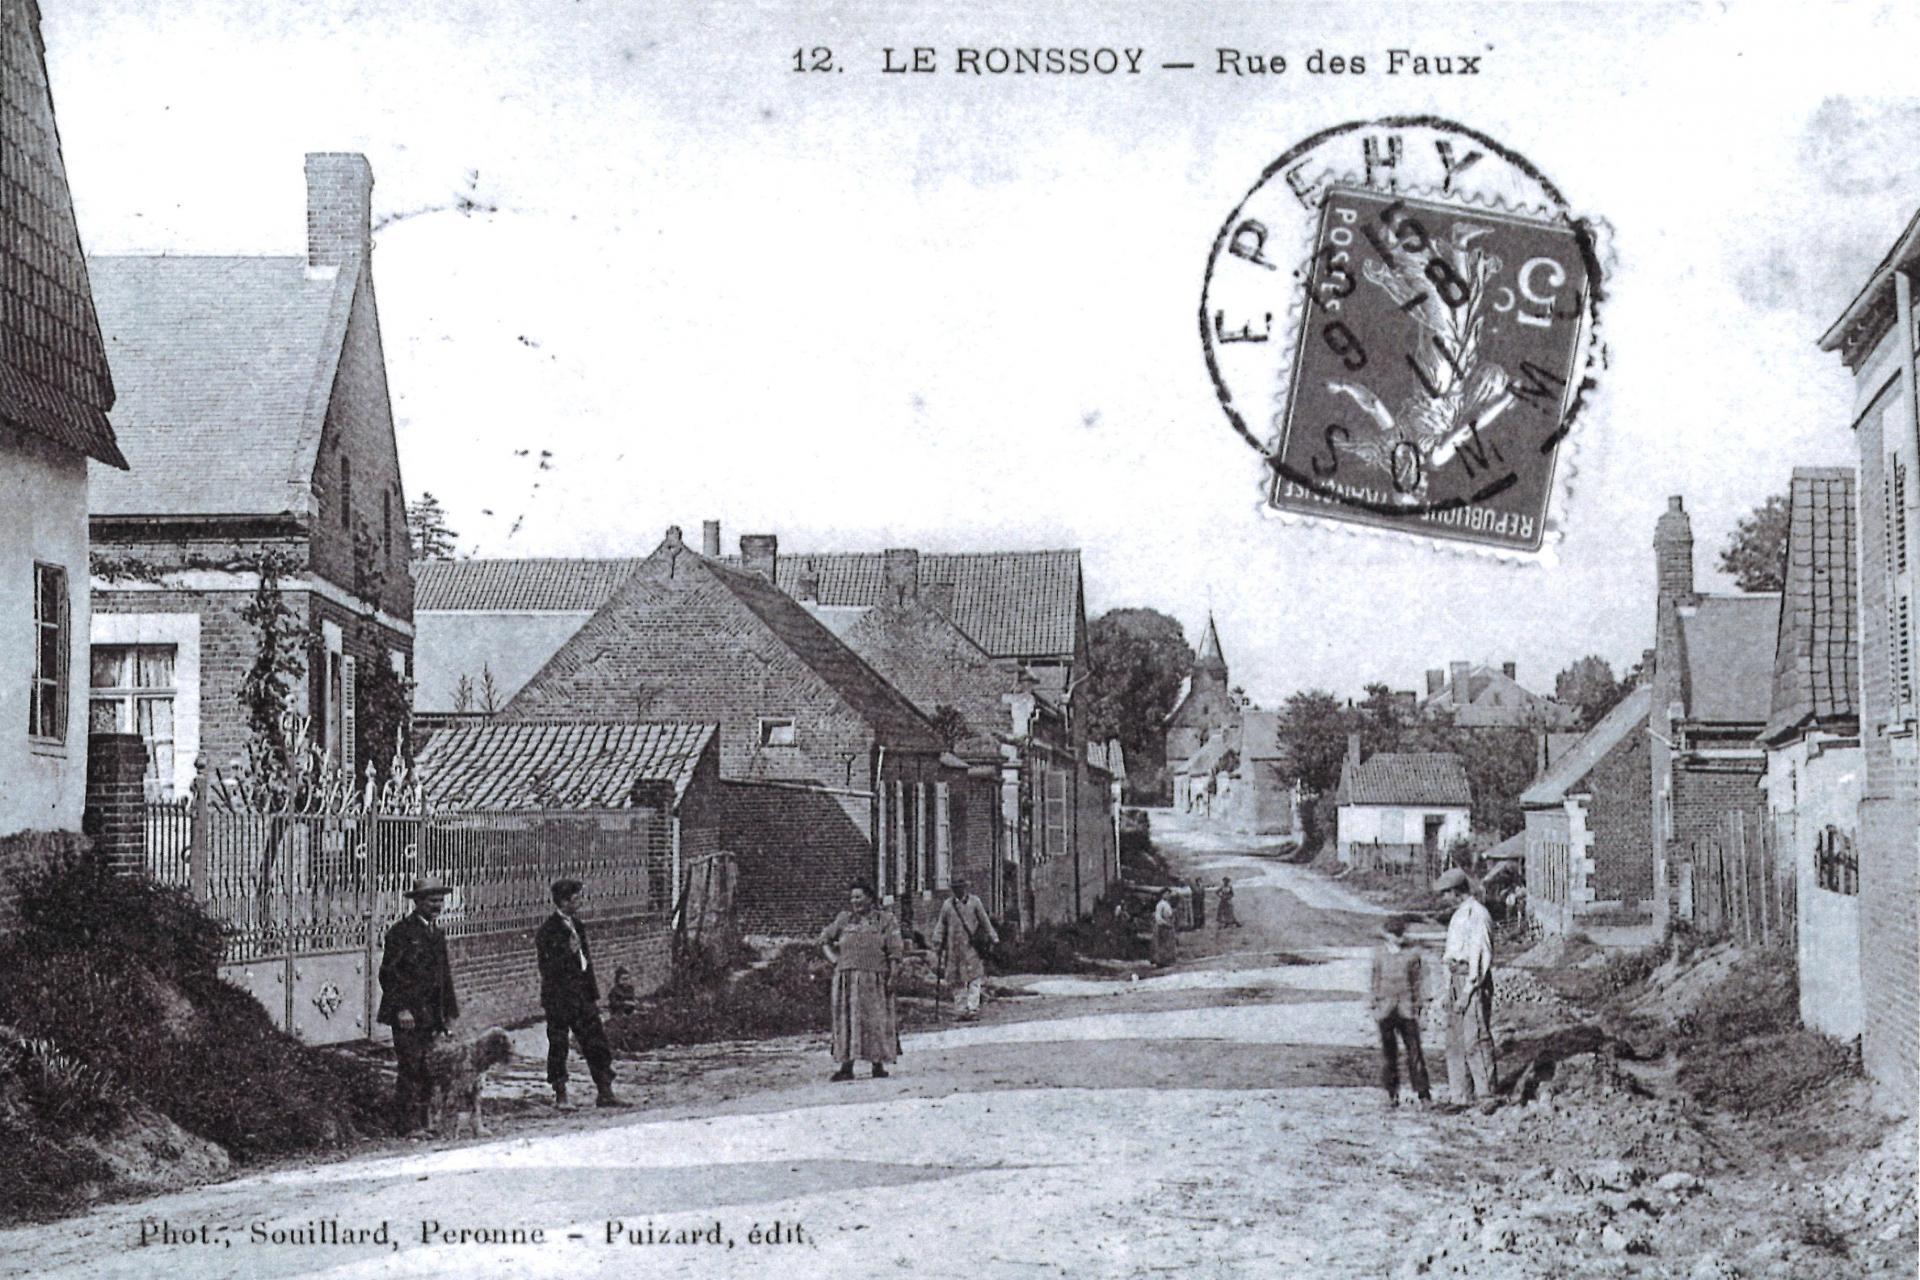 Rue des faulx 5